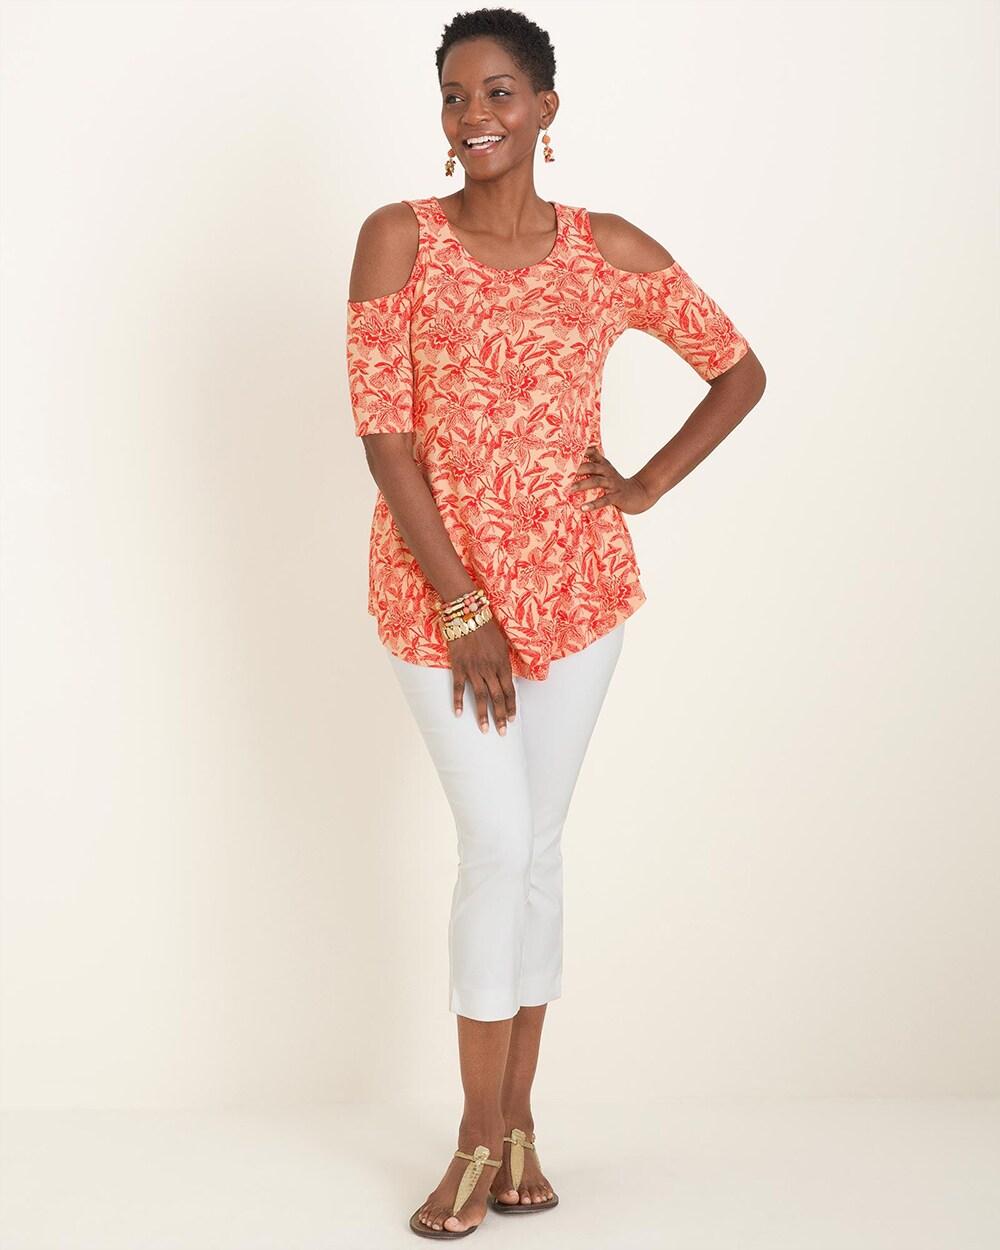 e1892d0d9 Chico s - Shop Women s Clothing   Accessories Online - Chico s